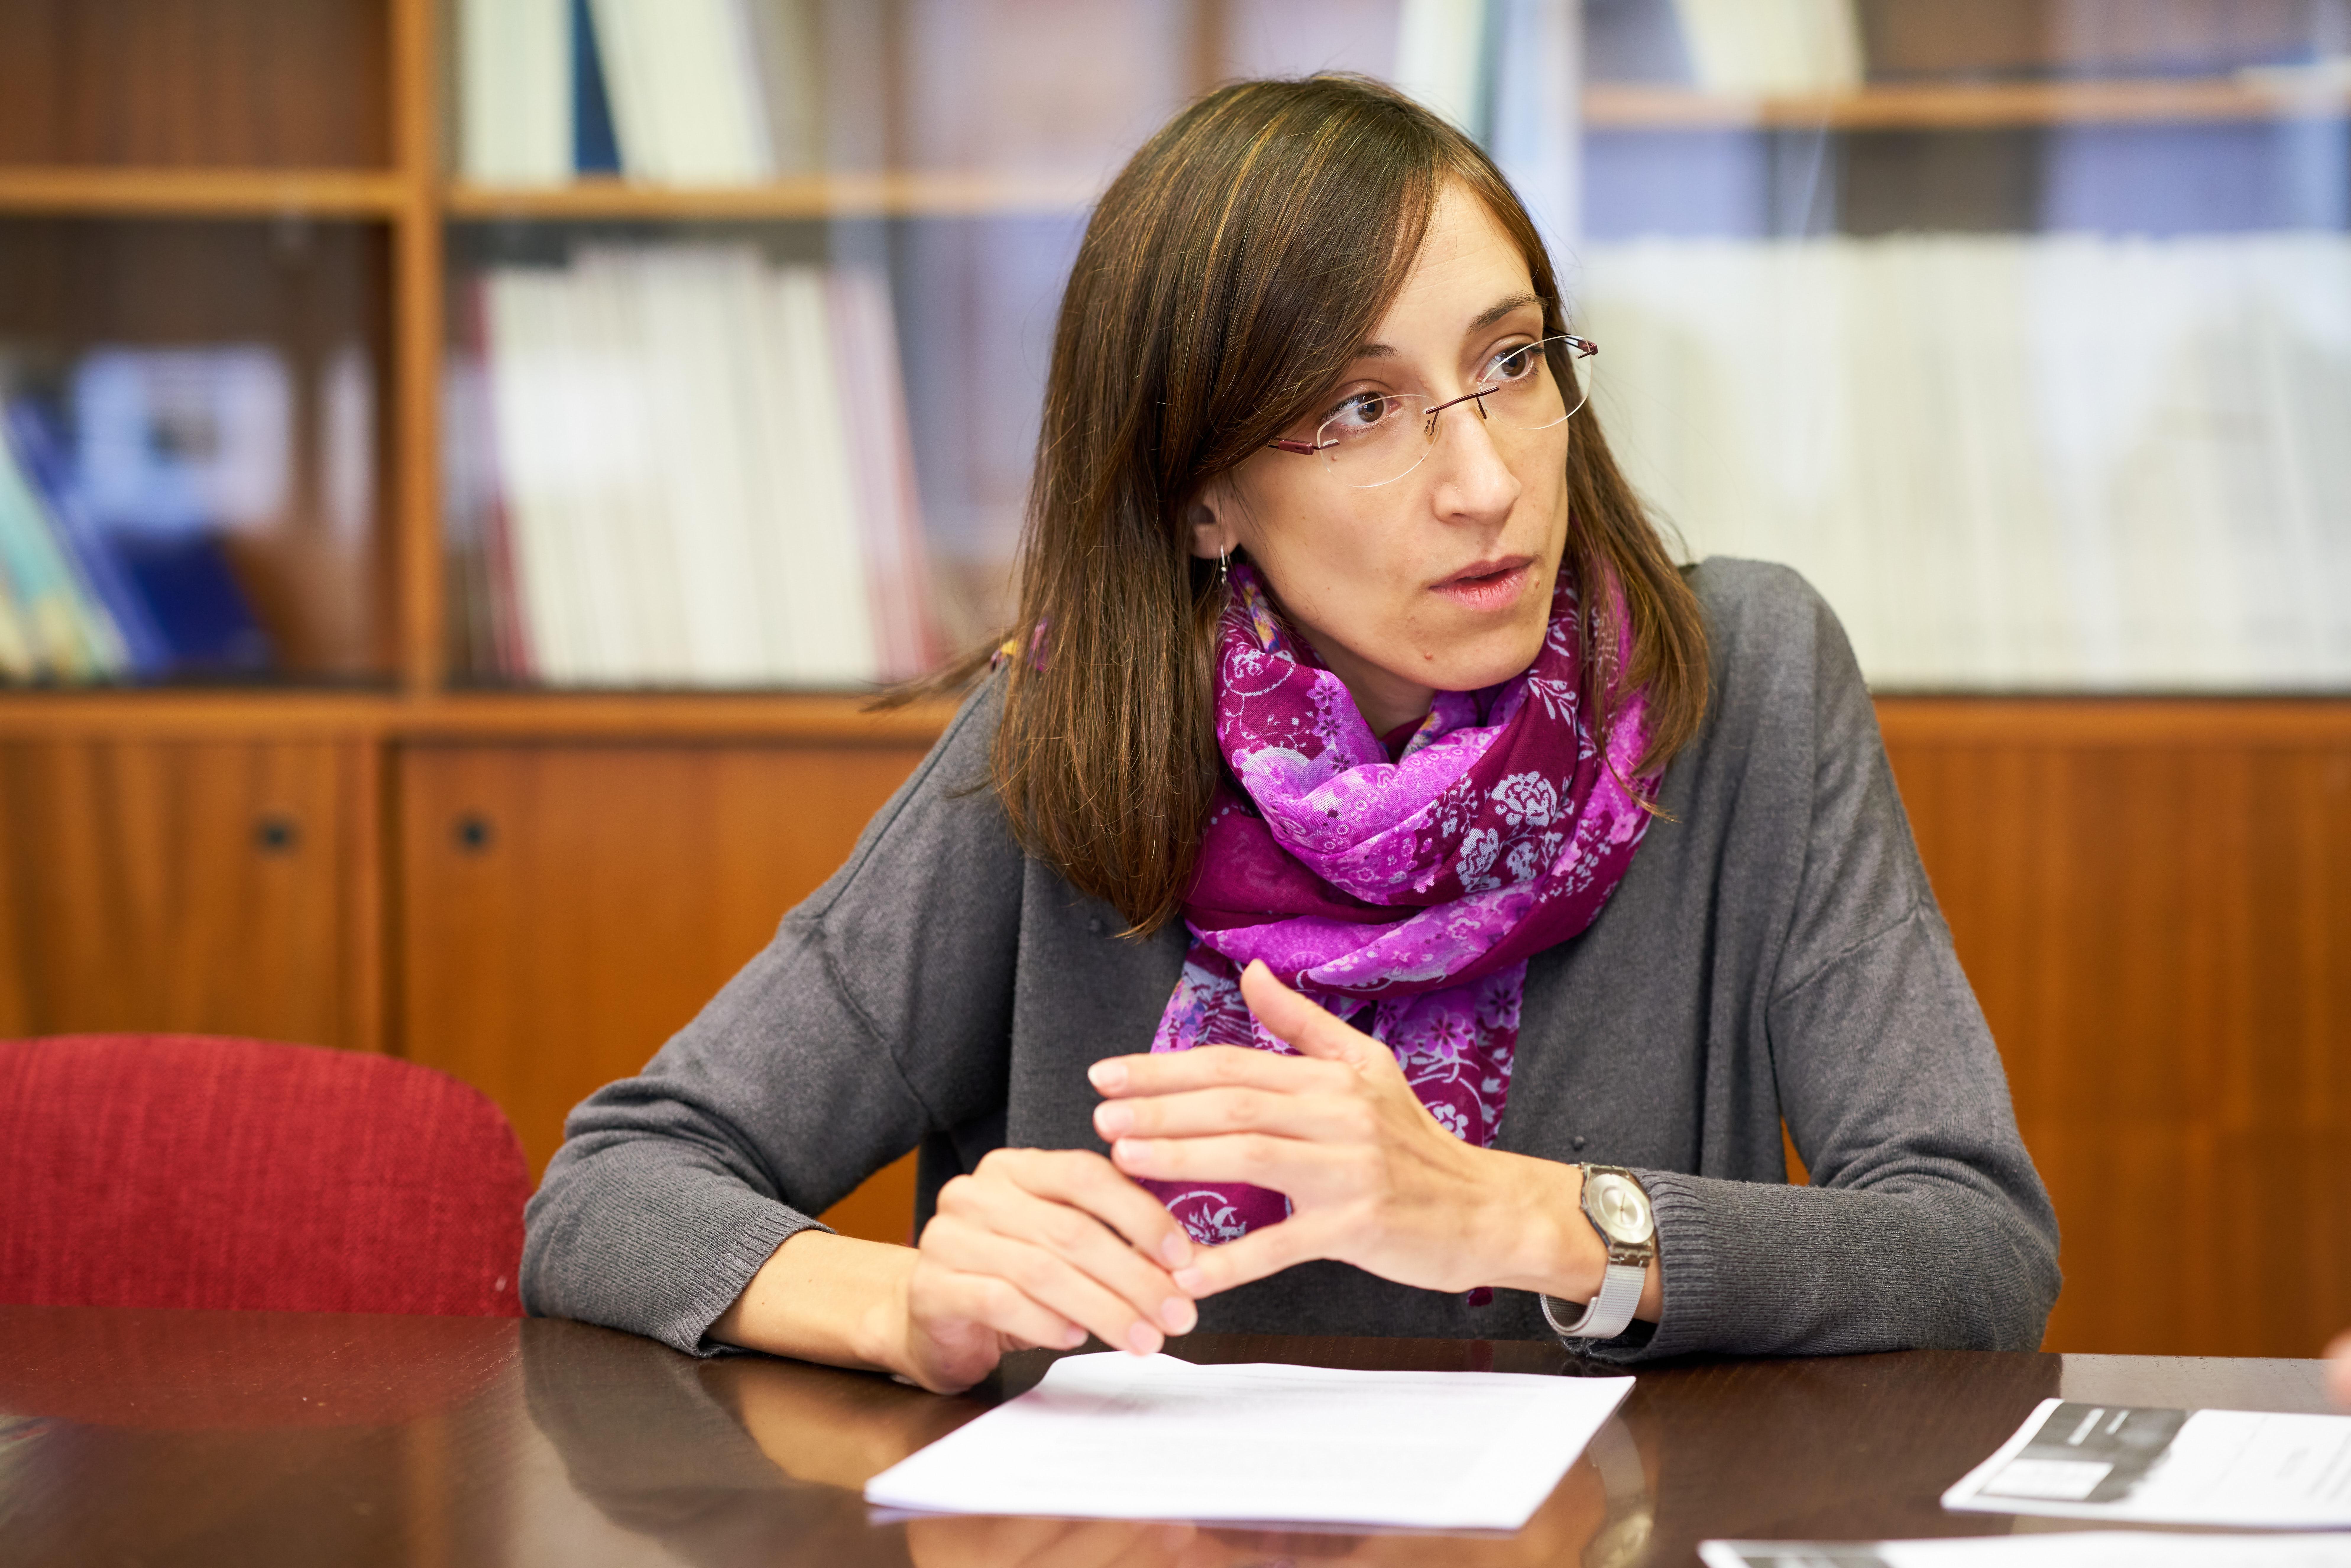 Una profesora de la Universidad de Salamanca lidera un estudio mundial sobre adicciones mediante el análisis de aguas residuales en 120 ciudades